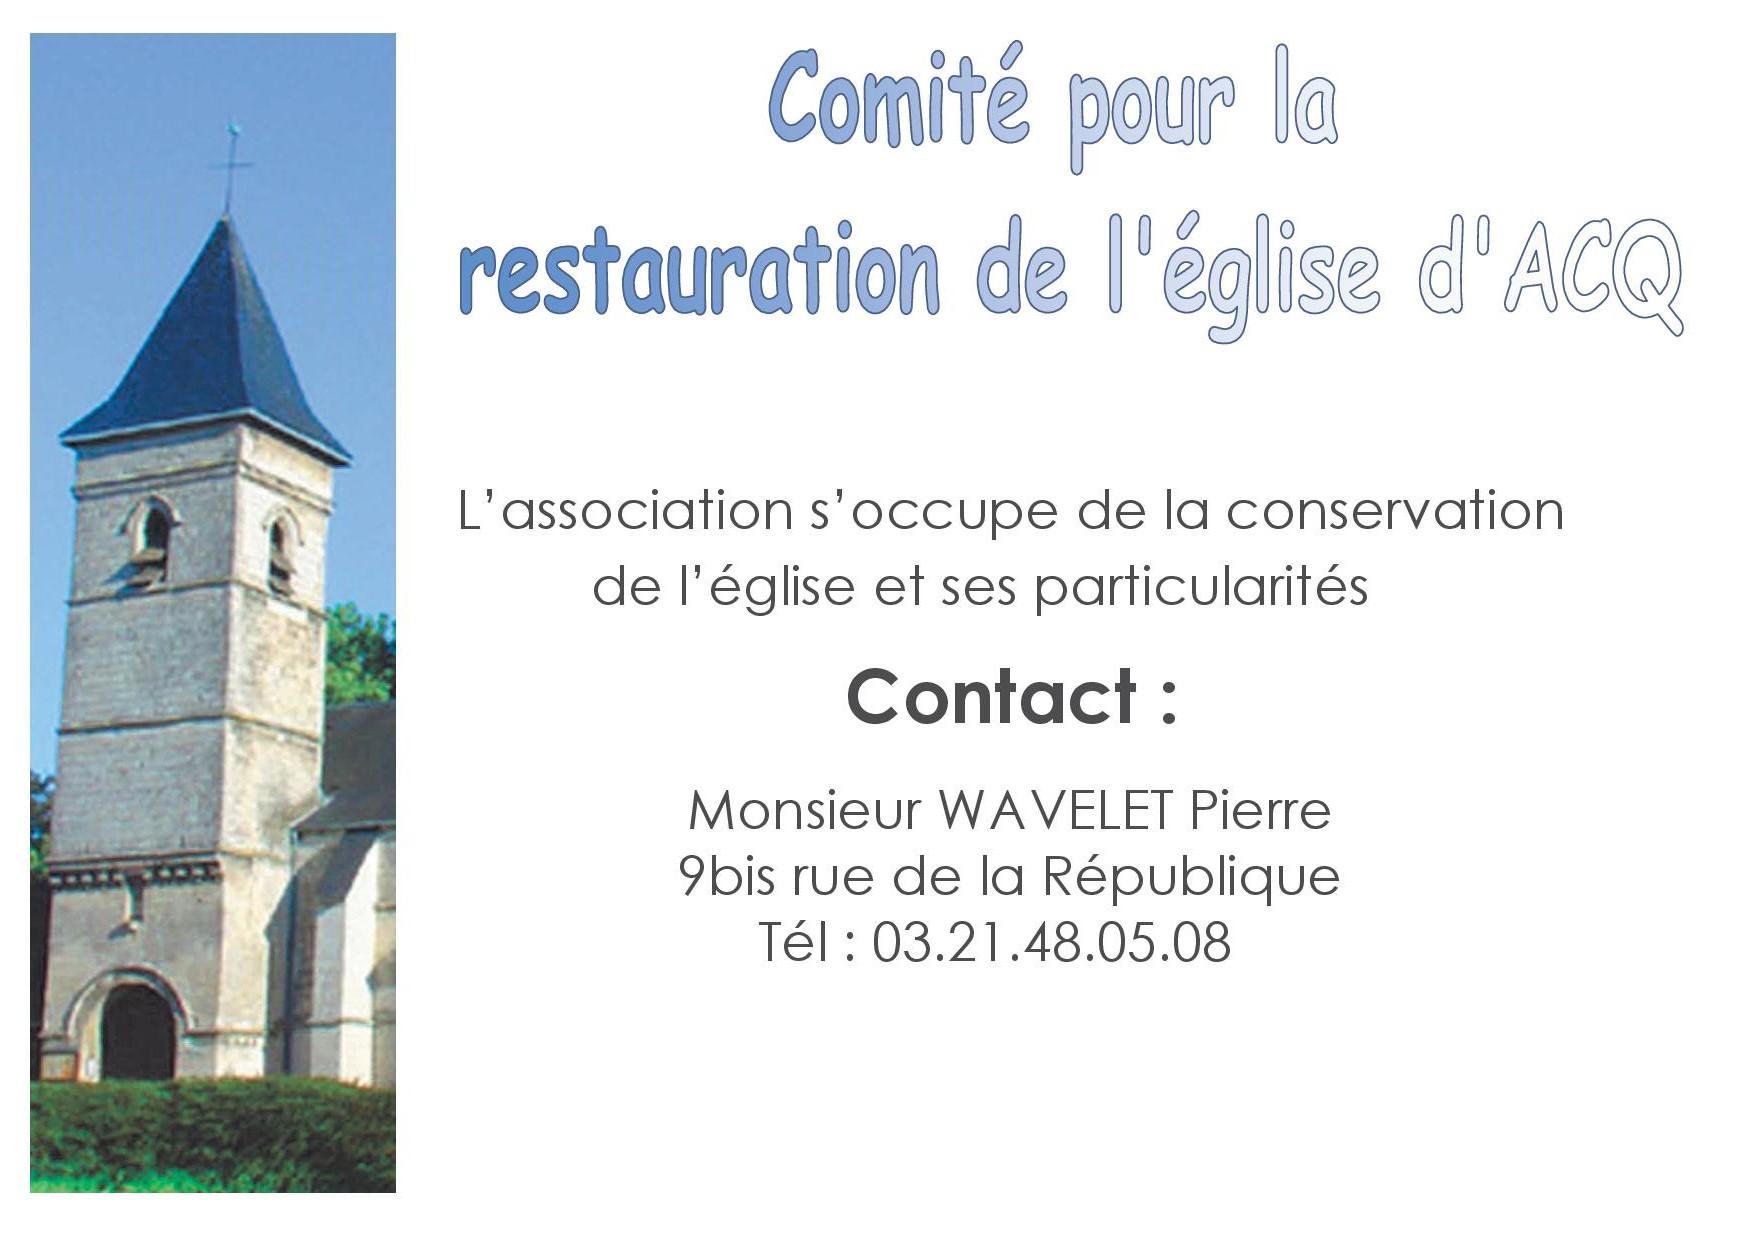 Af Comité pour la restauration de l_église.jpg